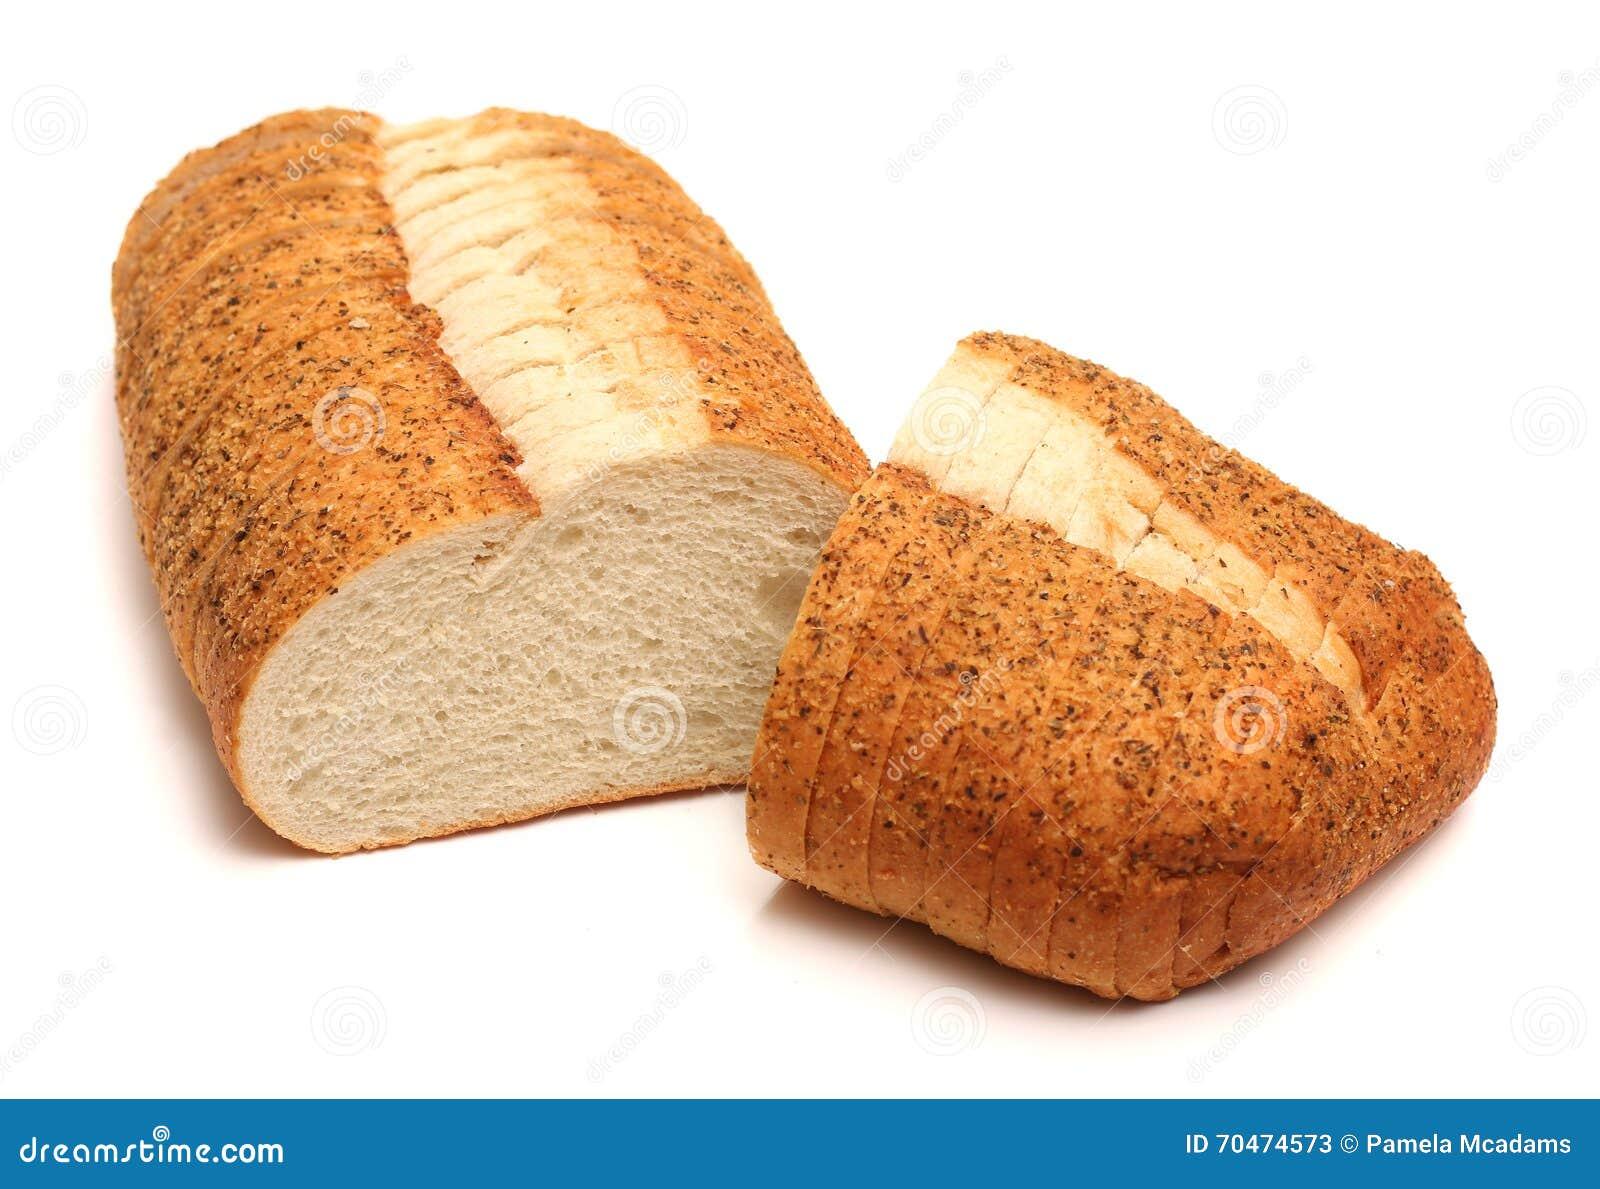 大蒜和草本工匠白面包